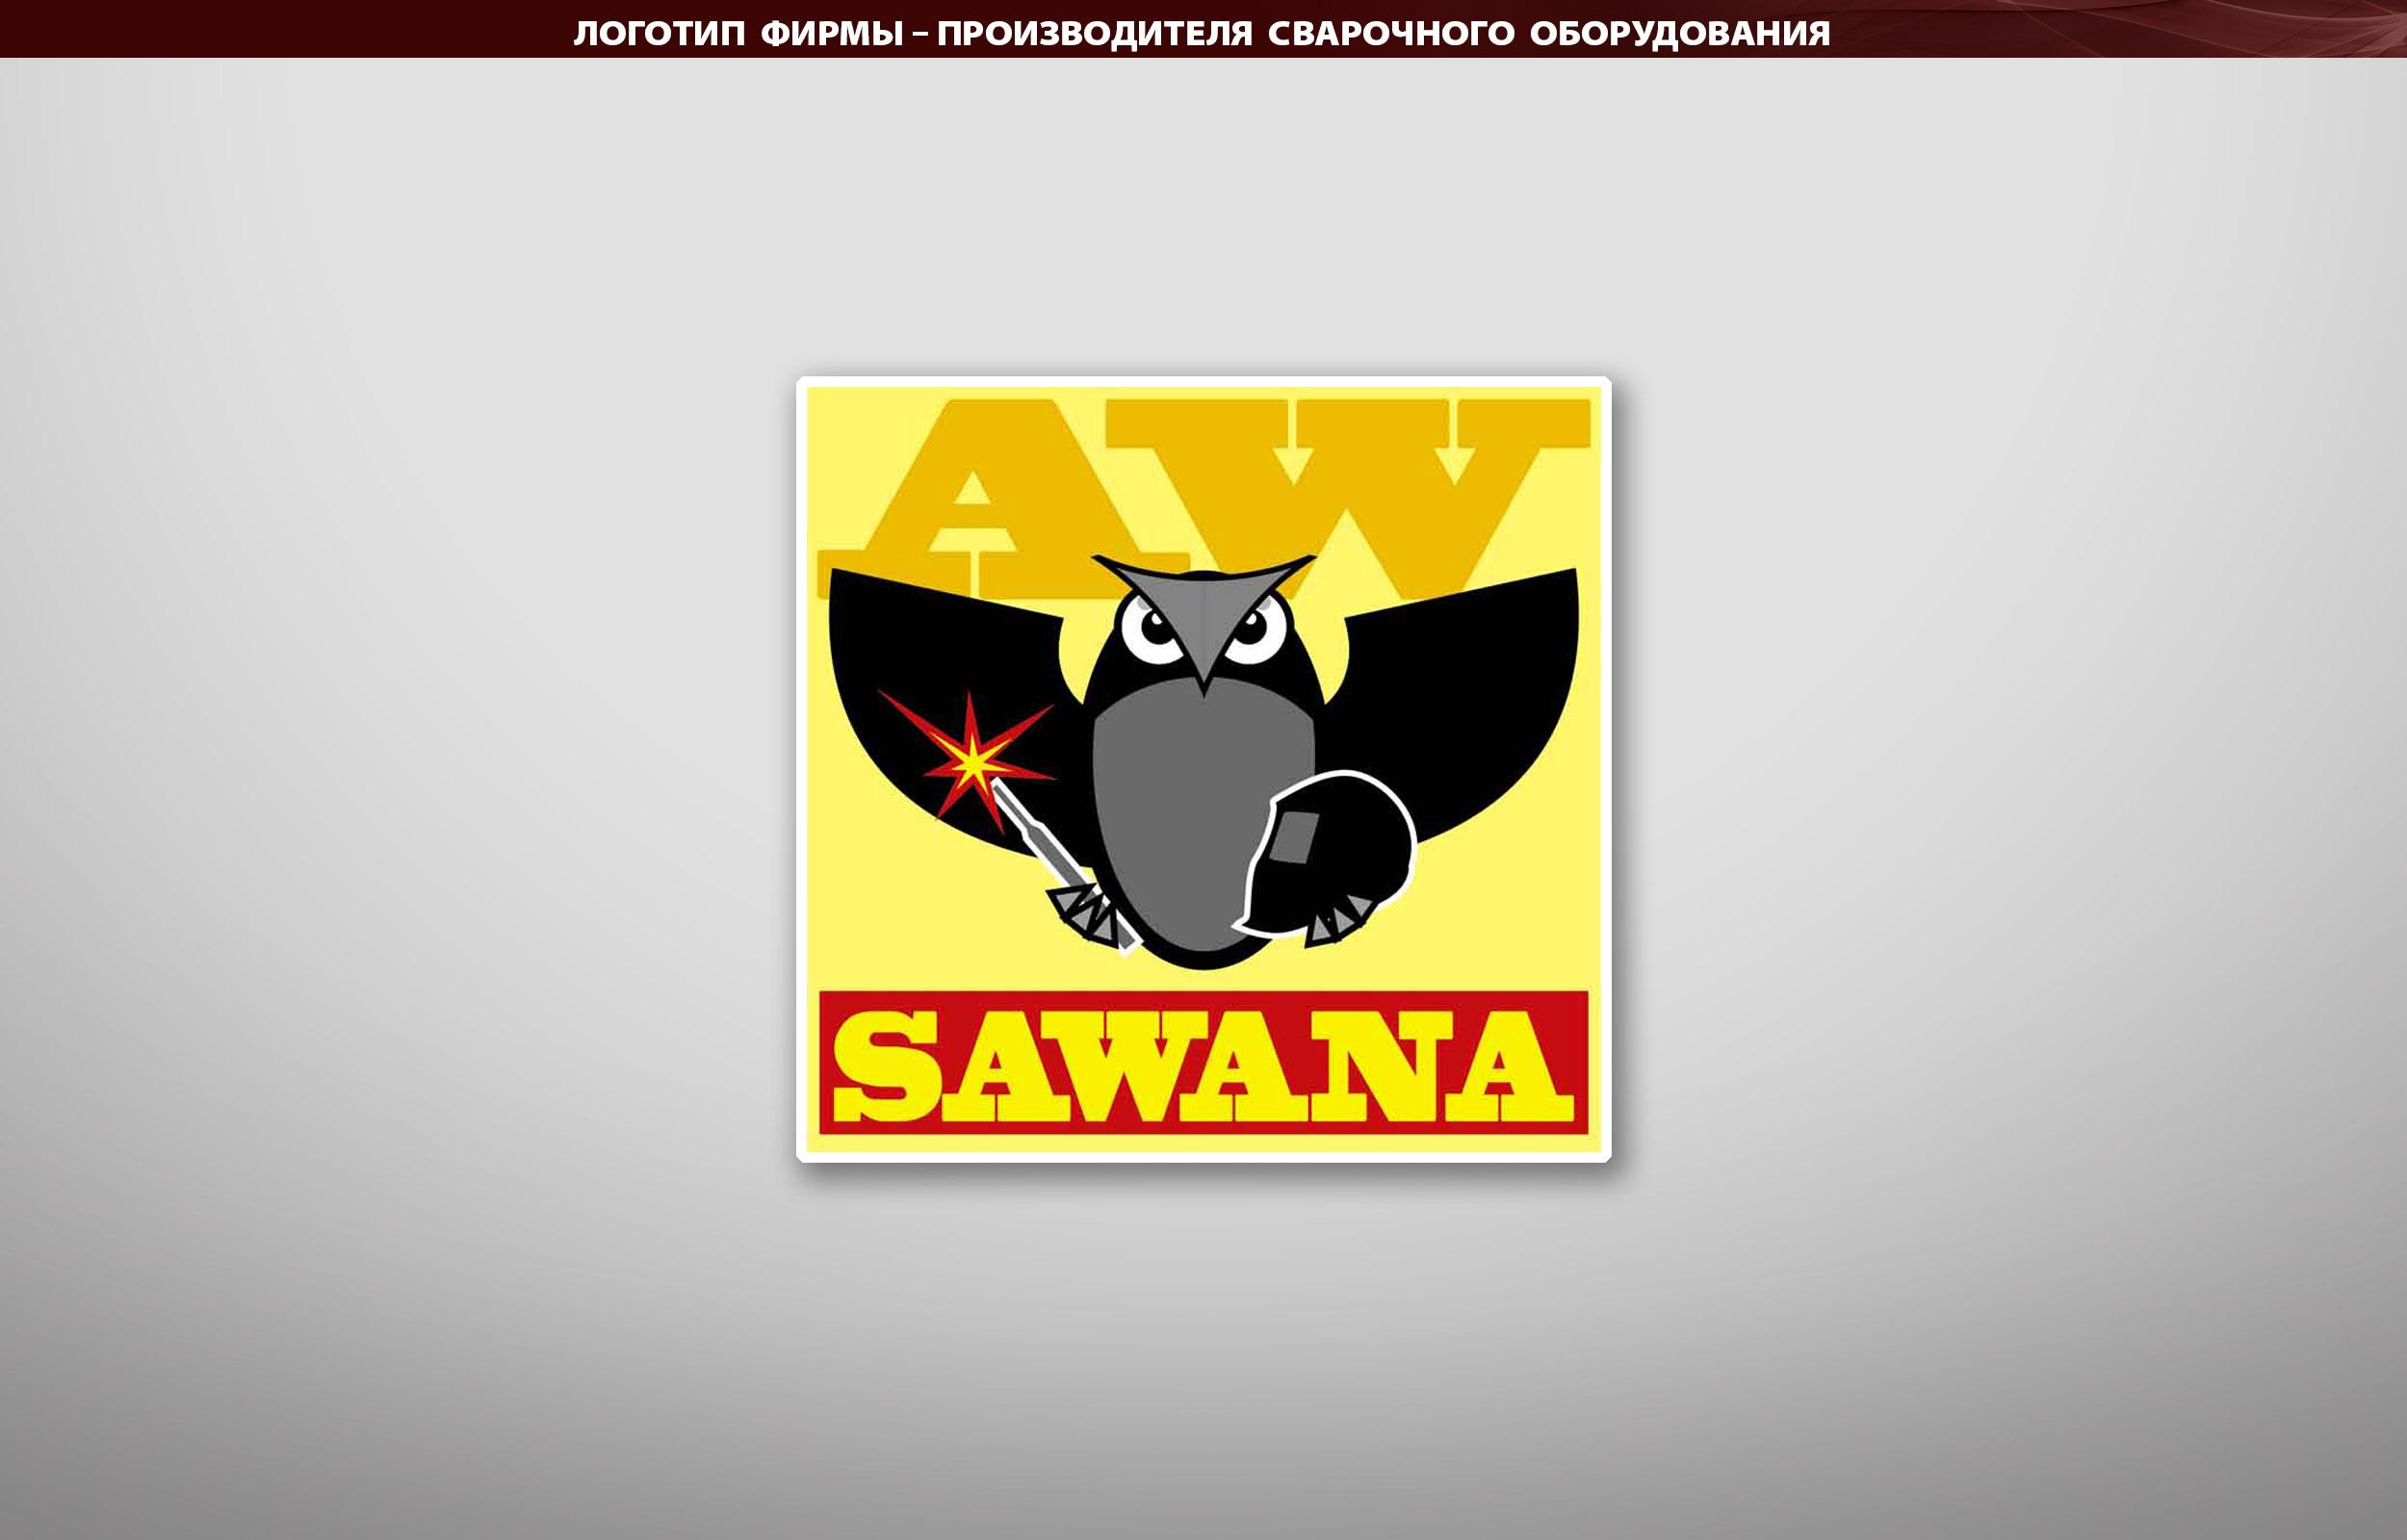 Логотип фирмы-производителя сварочного оборудования